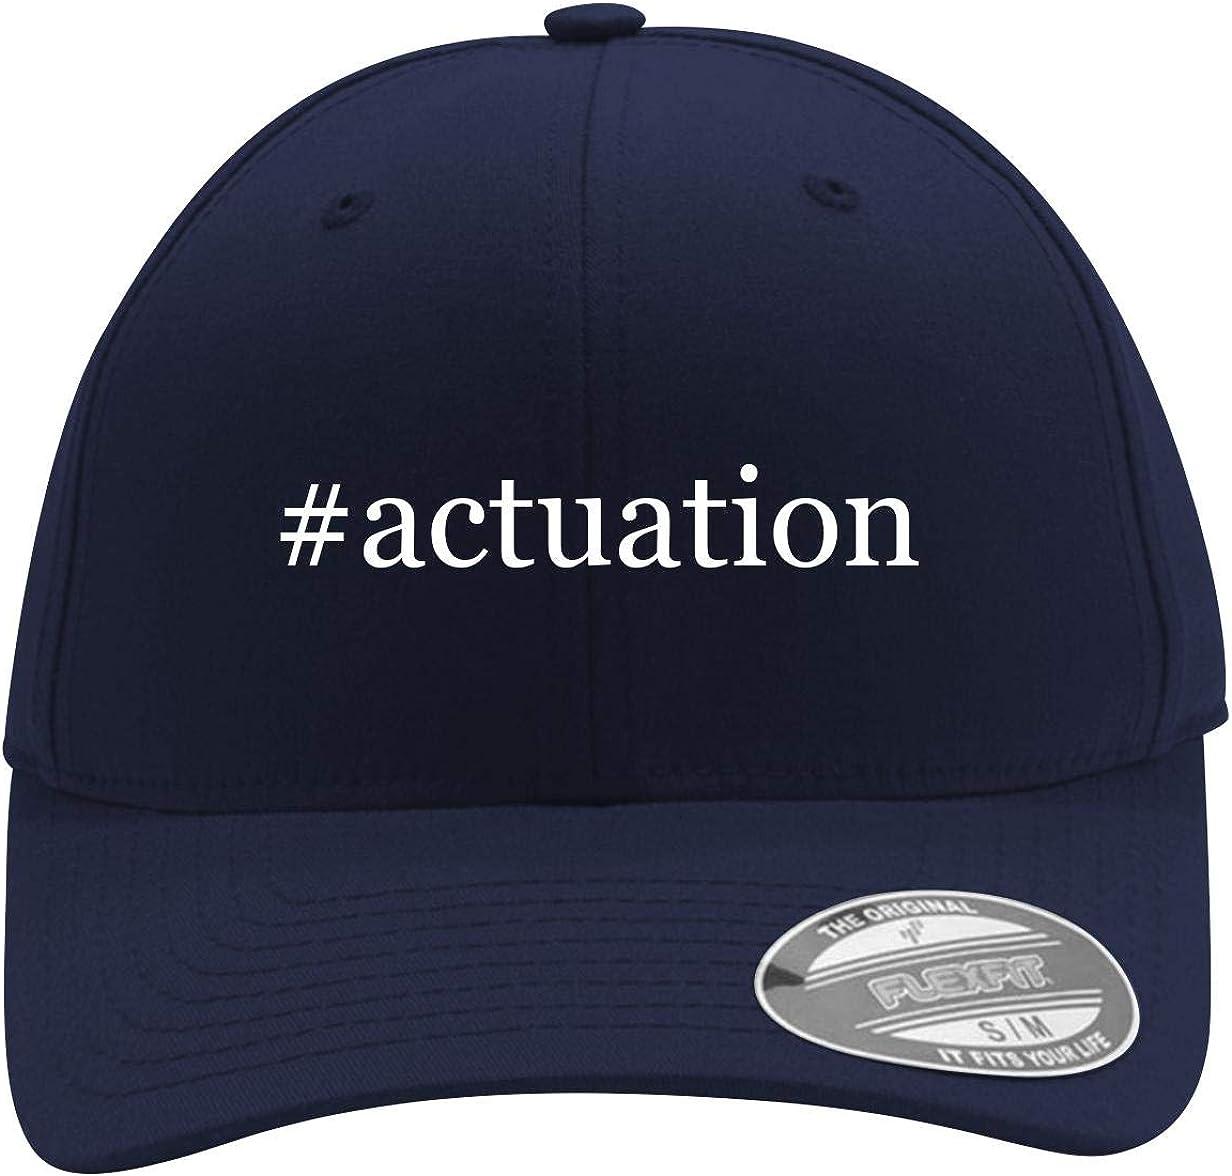 #Actuation - Men's Hashtag Flexfit Baseball Cap Hat 61CqRihqs4L